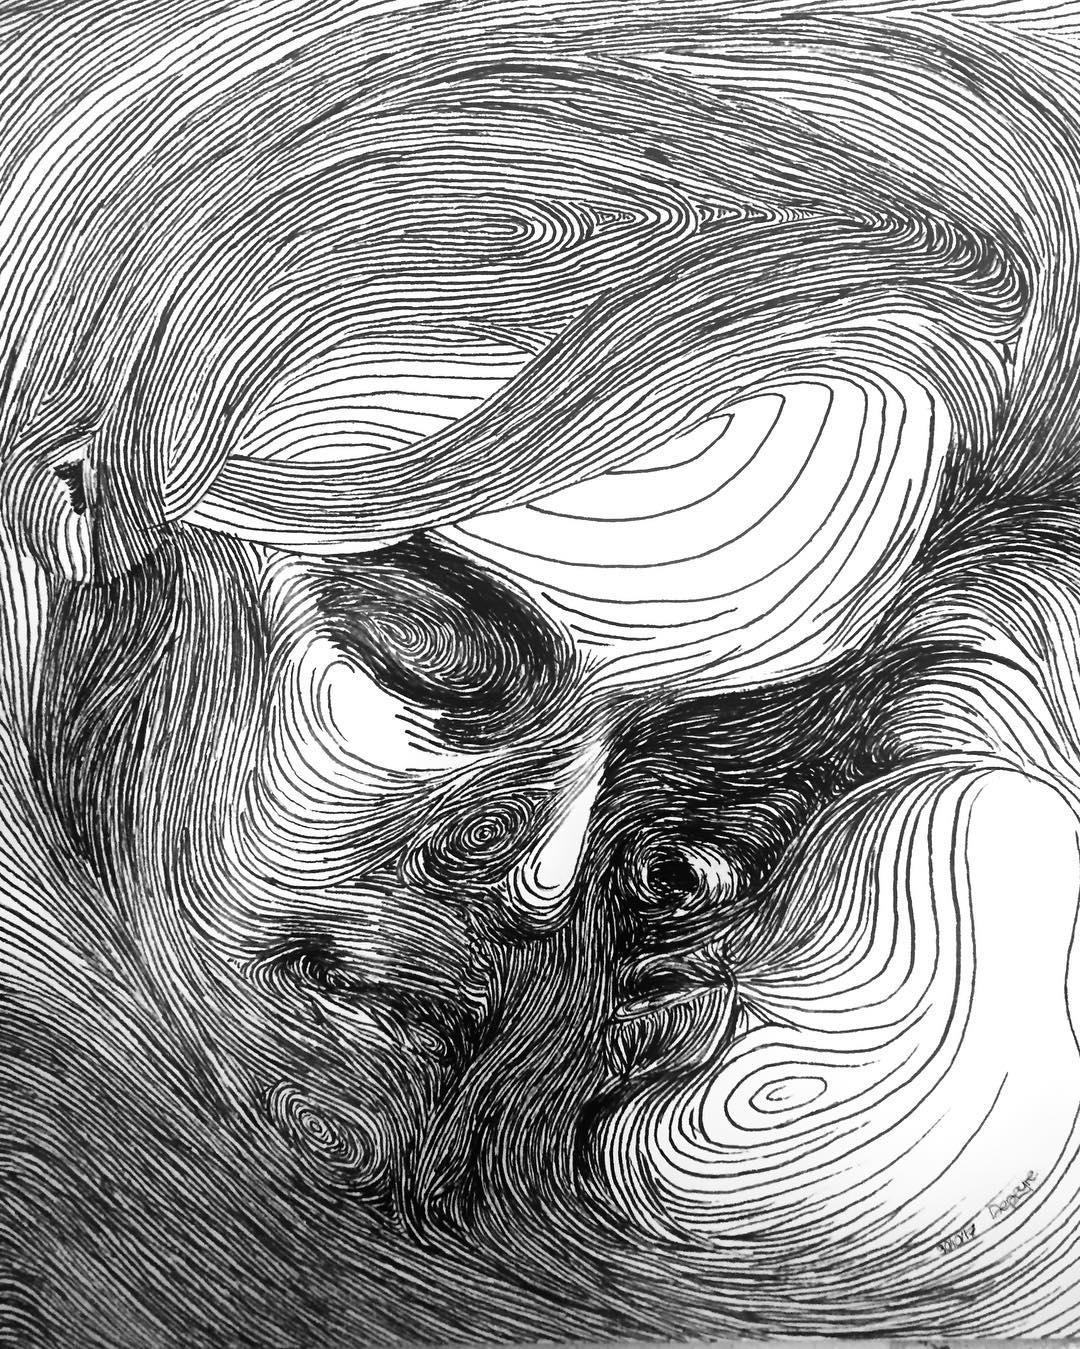 Dominic Depeyre令人着迷的动感线条绘画作品